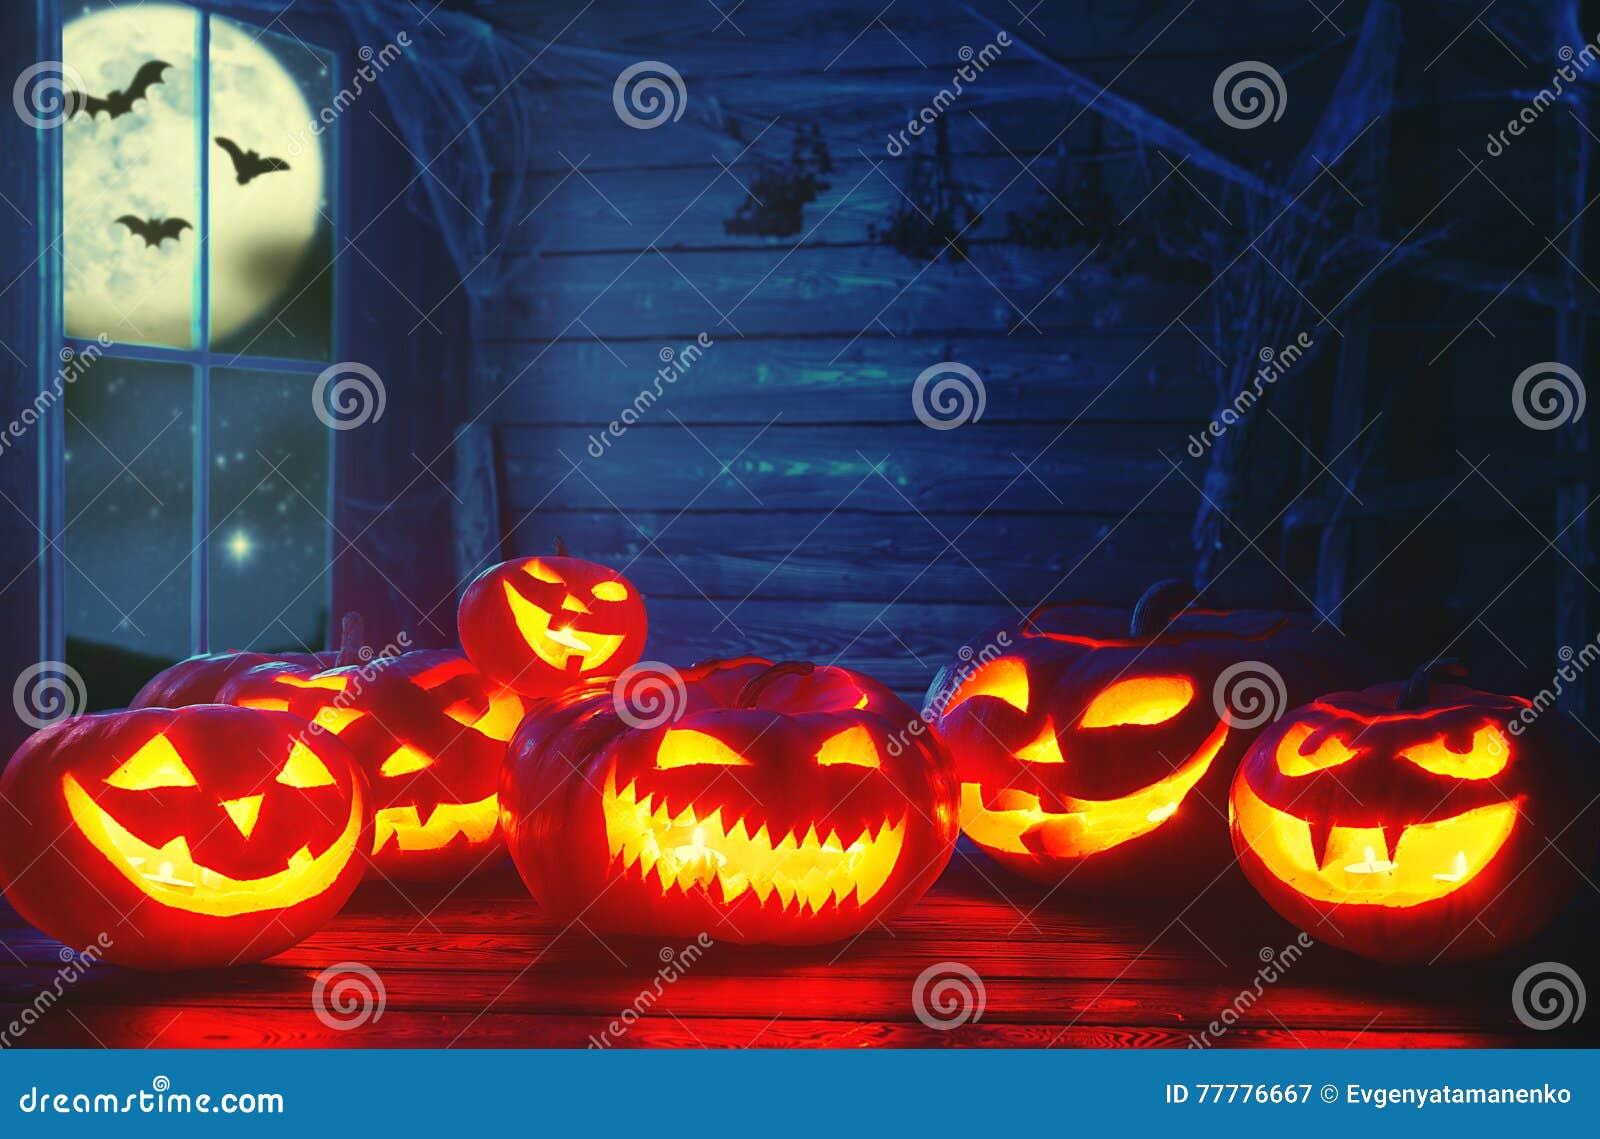 Fundo assustador de Halloween abóbora assustador com olhos ardentes e